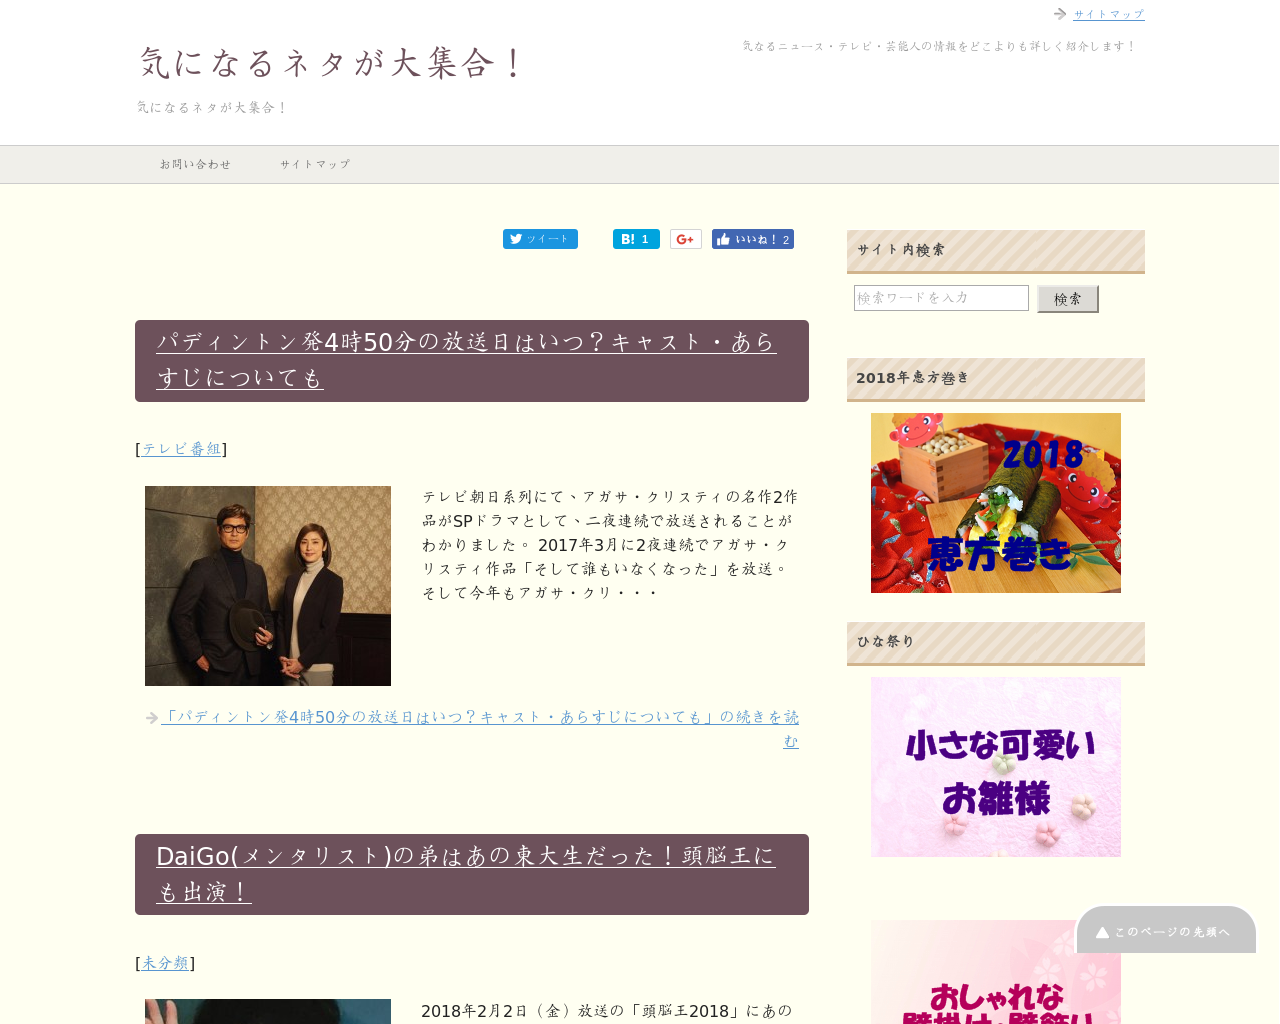 japan-gyouji.com(2018/02/04 09:40:47)